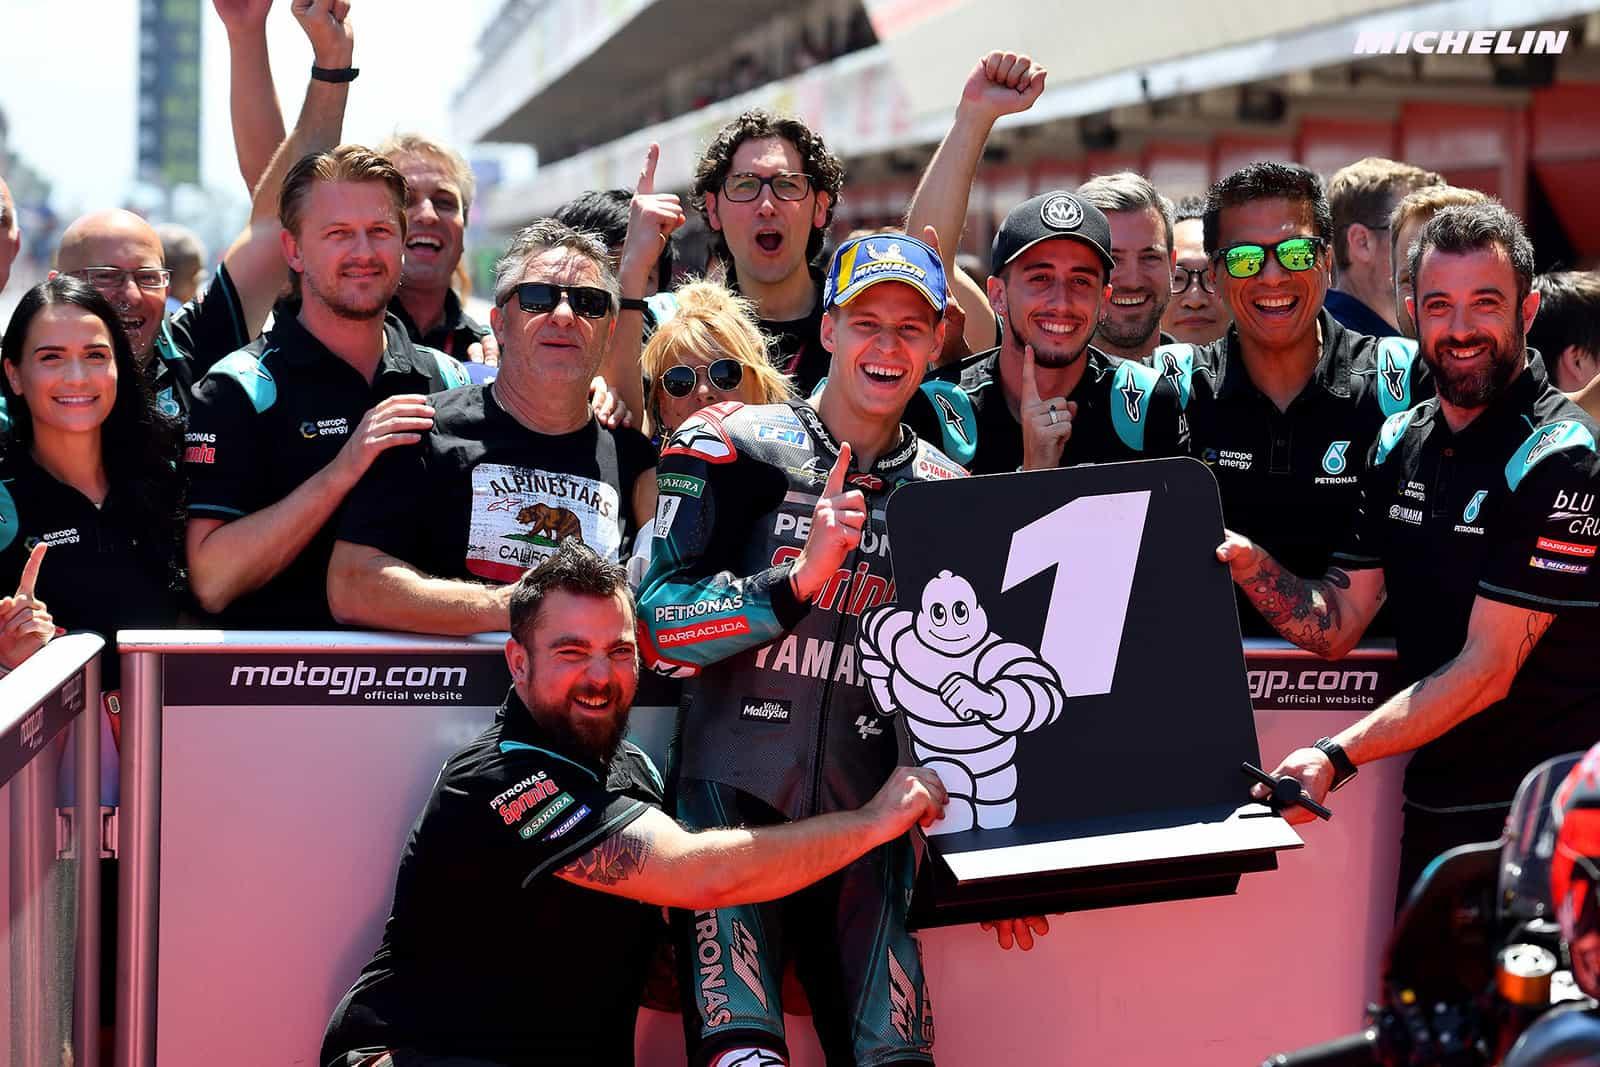 MotoGP2019カタルーニャGP 予選1位ファビオ・クアルタラロ「レースでは出来る限りこの順位を維持したい」